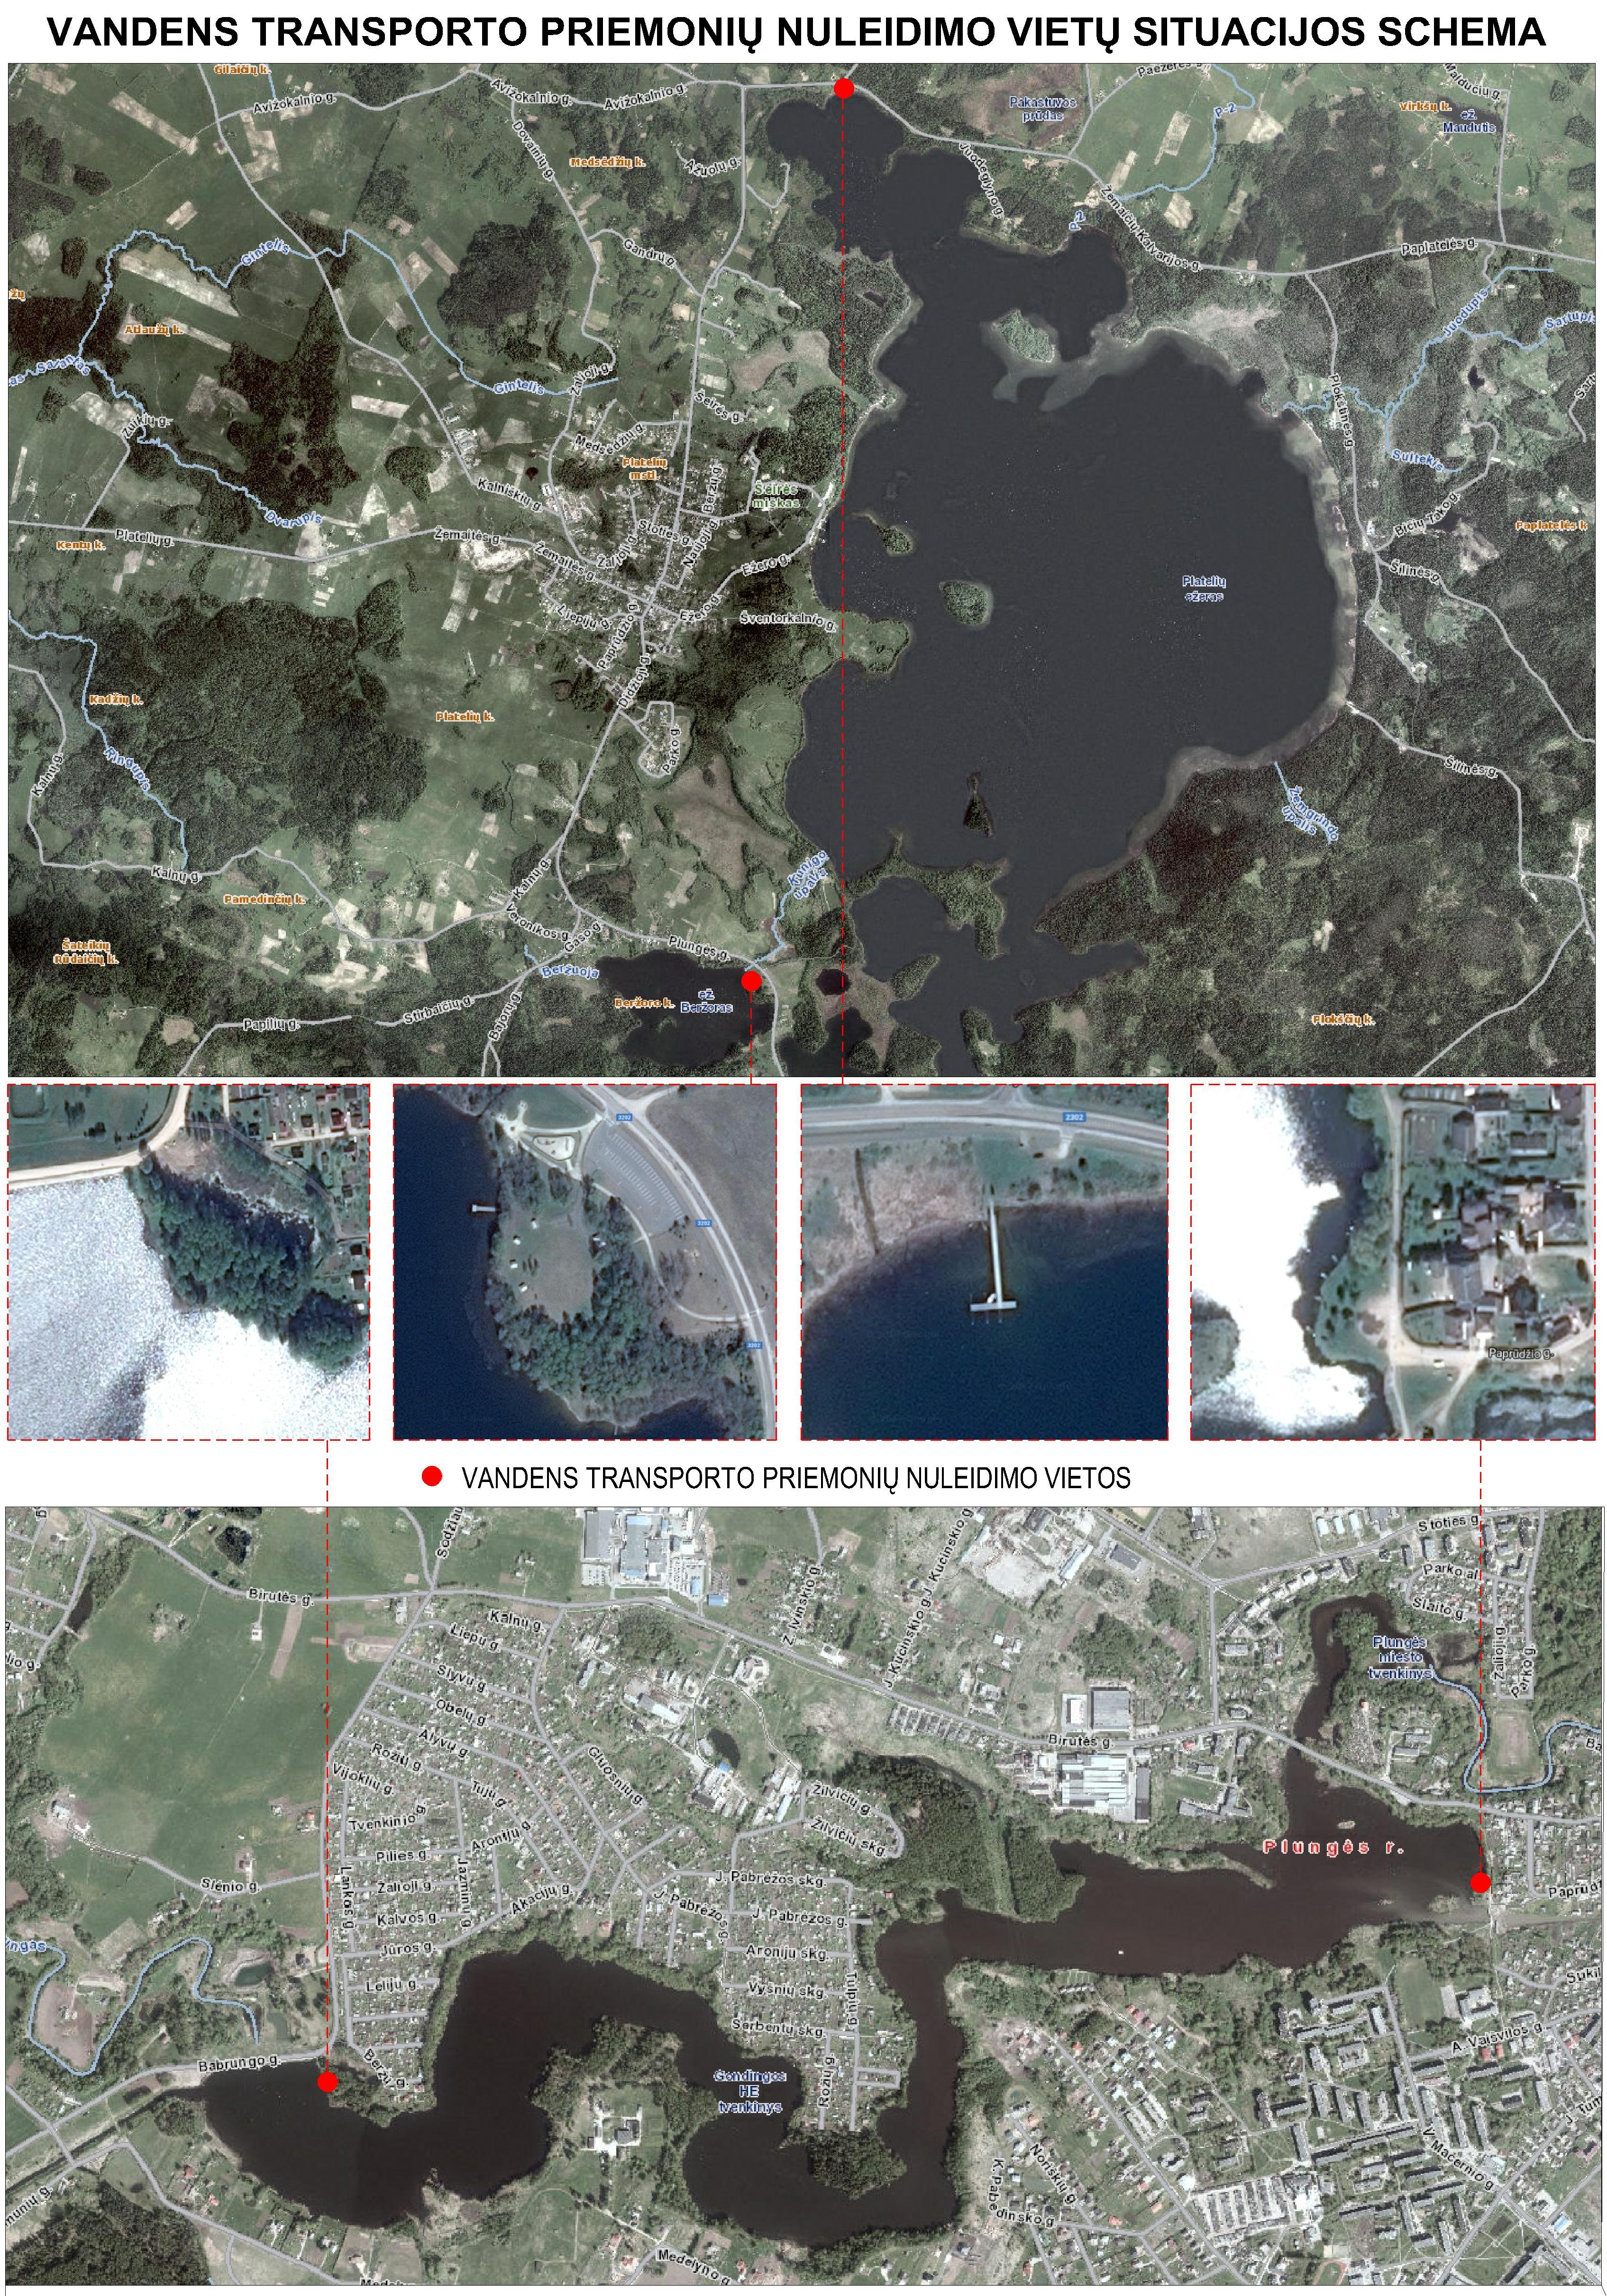 62_31.-priedas.-vandens-transporto-priemoniu-nuleidimo-vietu-schema.jpg